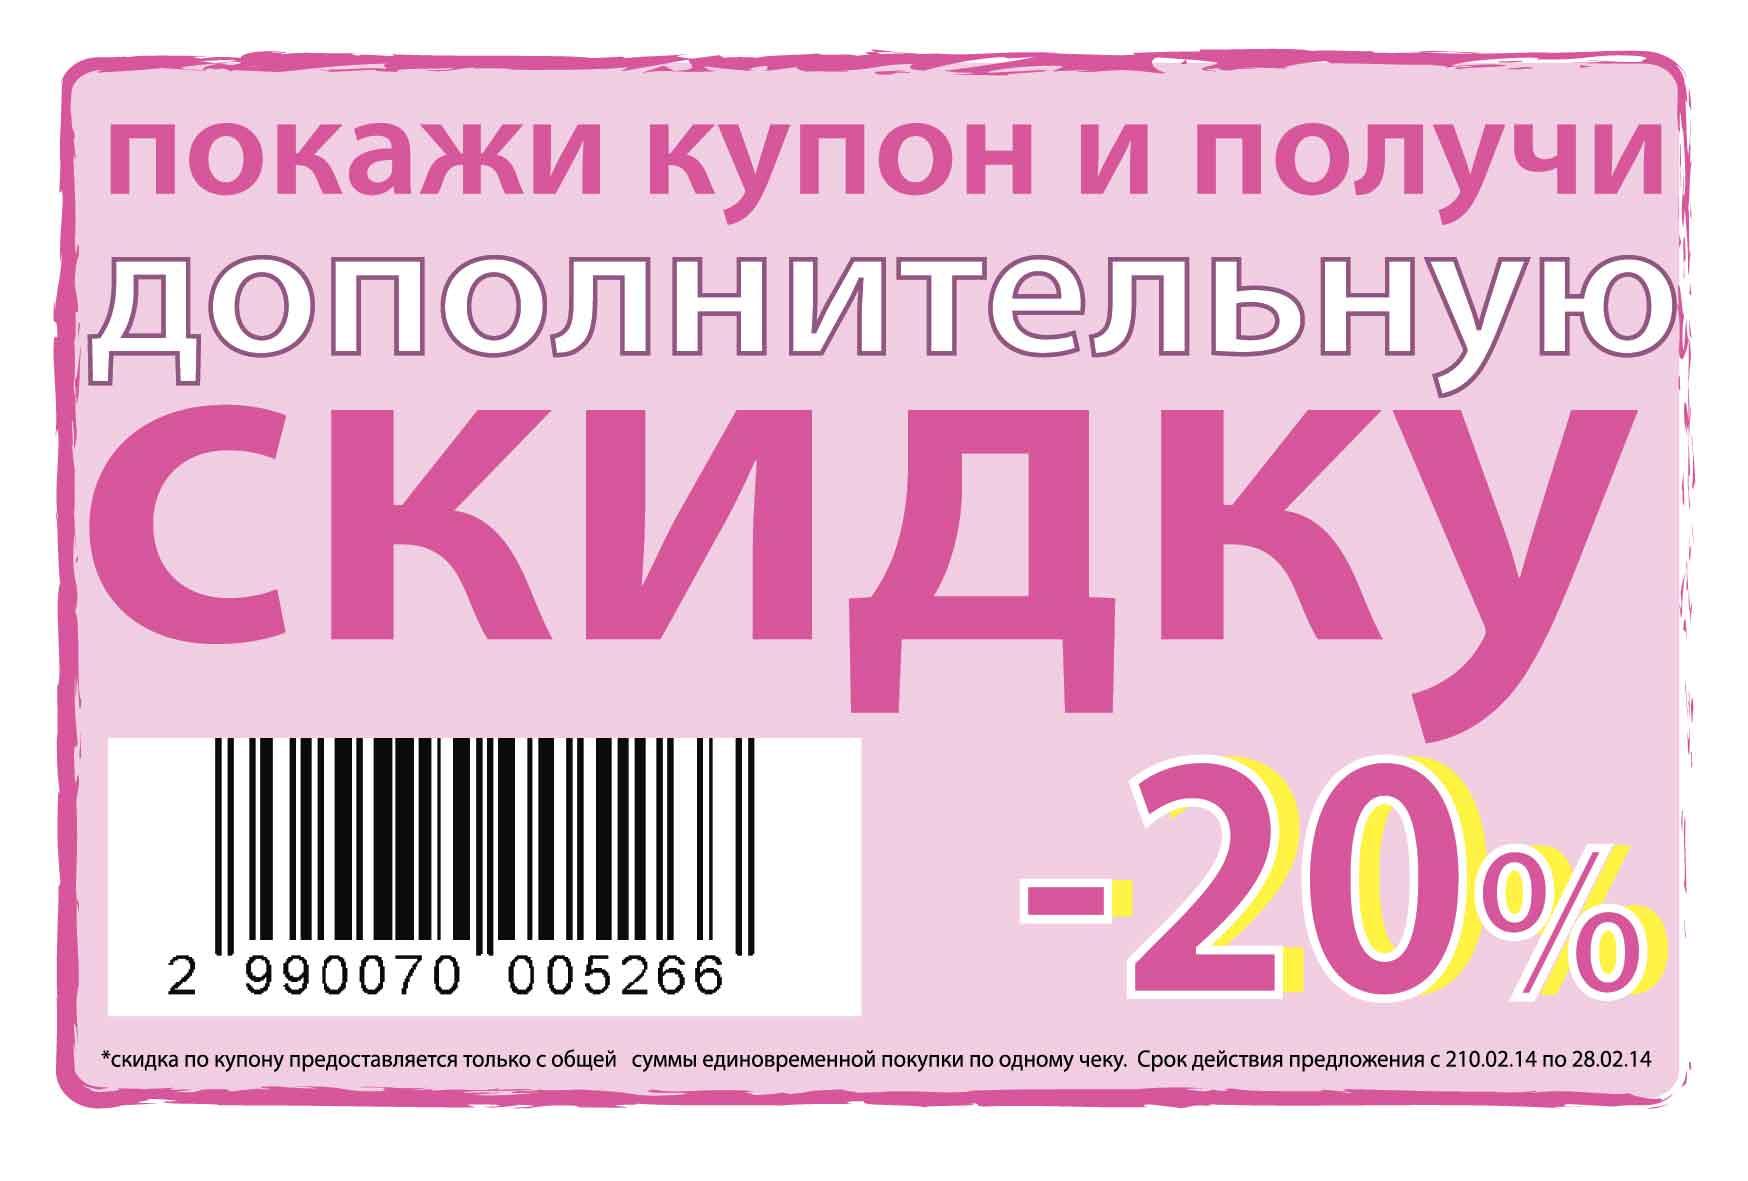 завершено купоны на распечатку фотографий в москве кроме